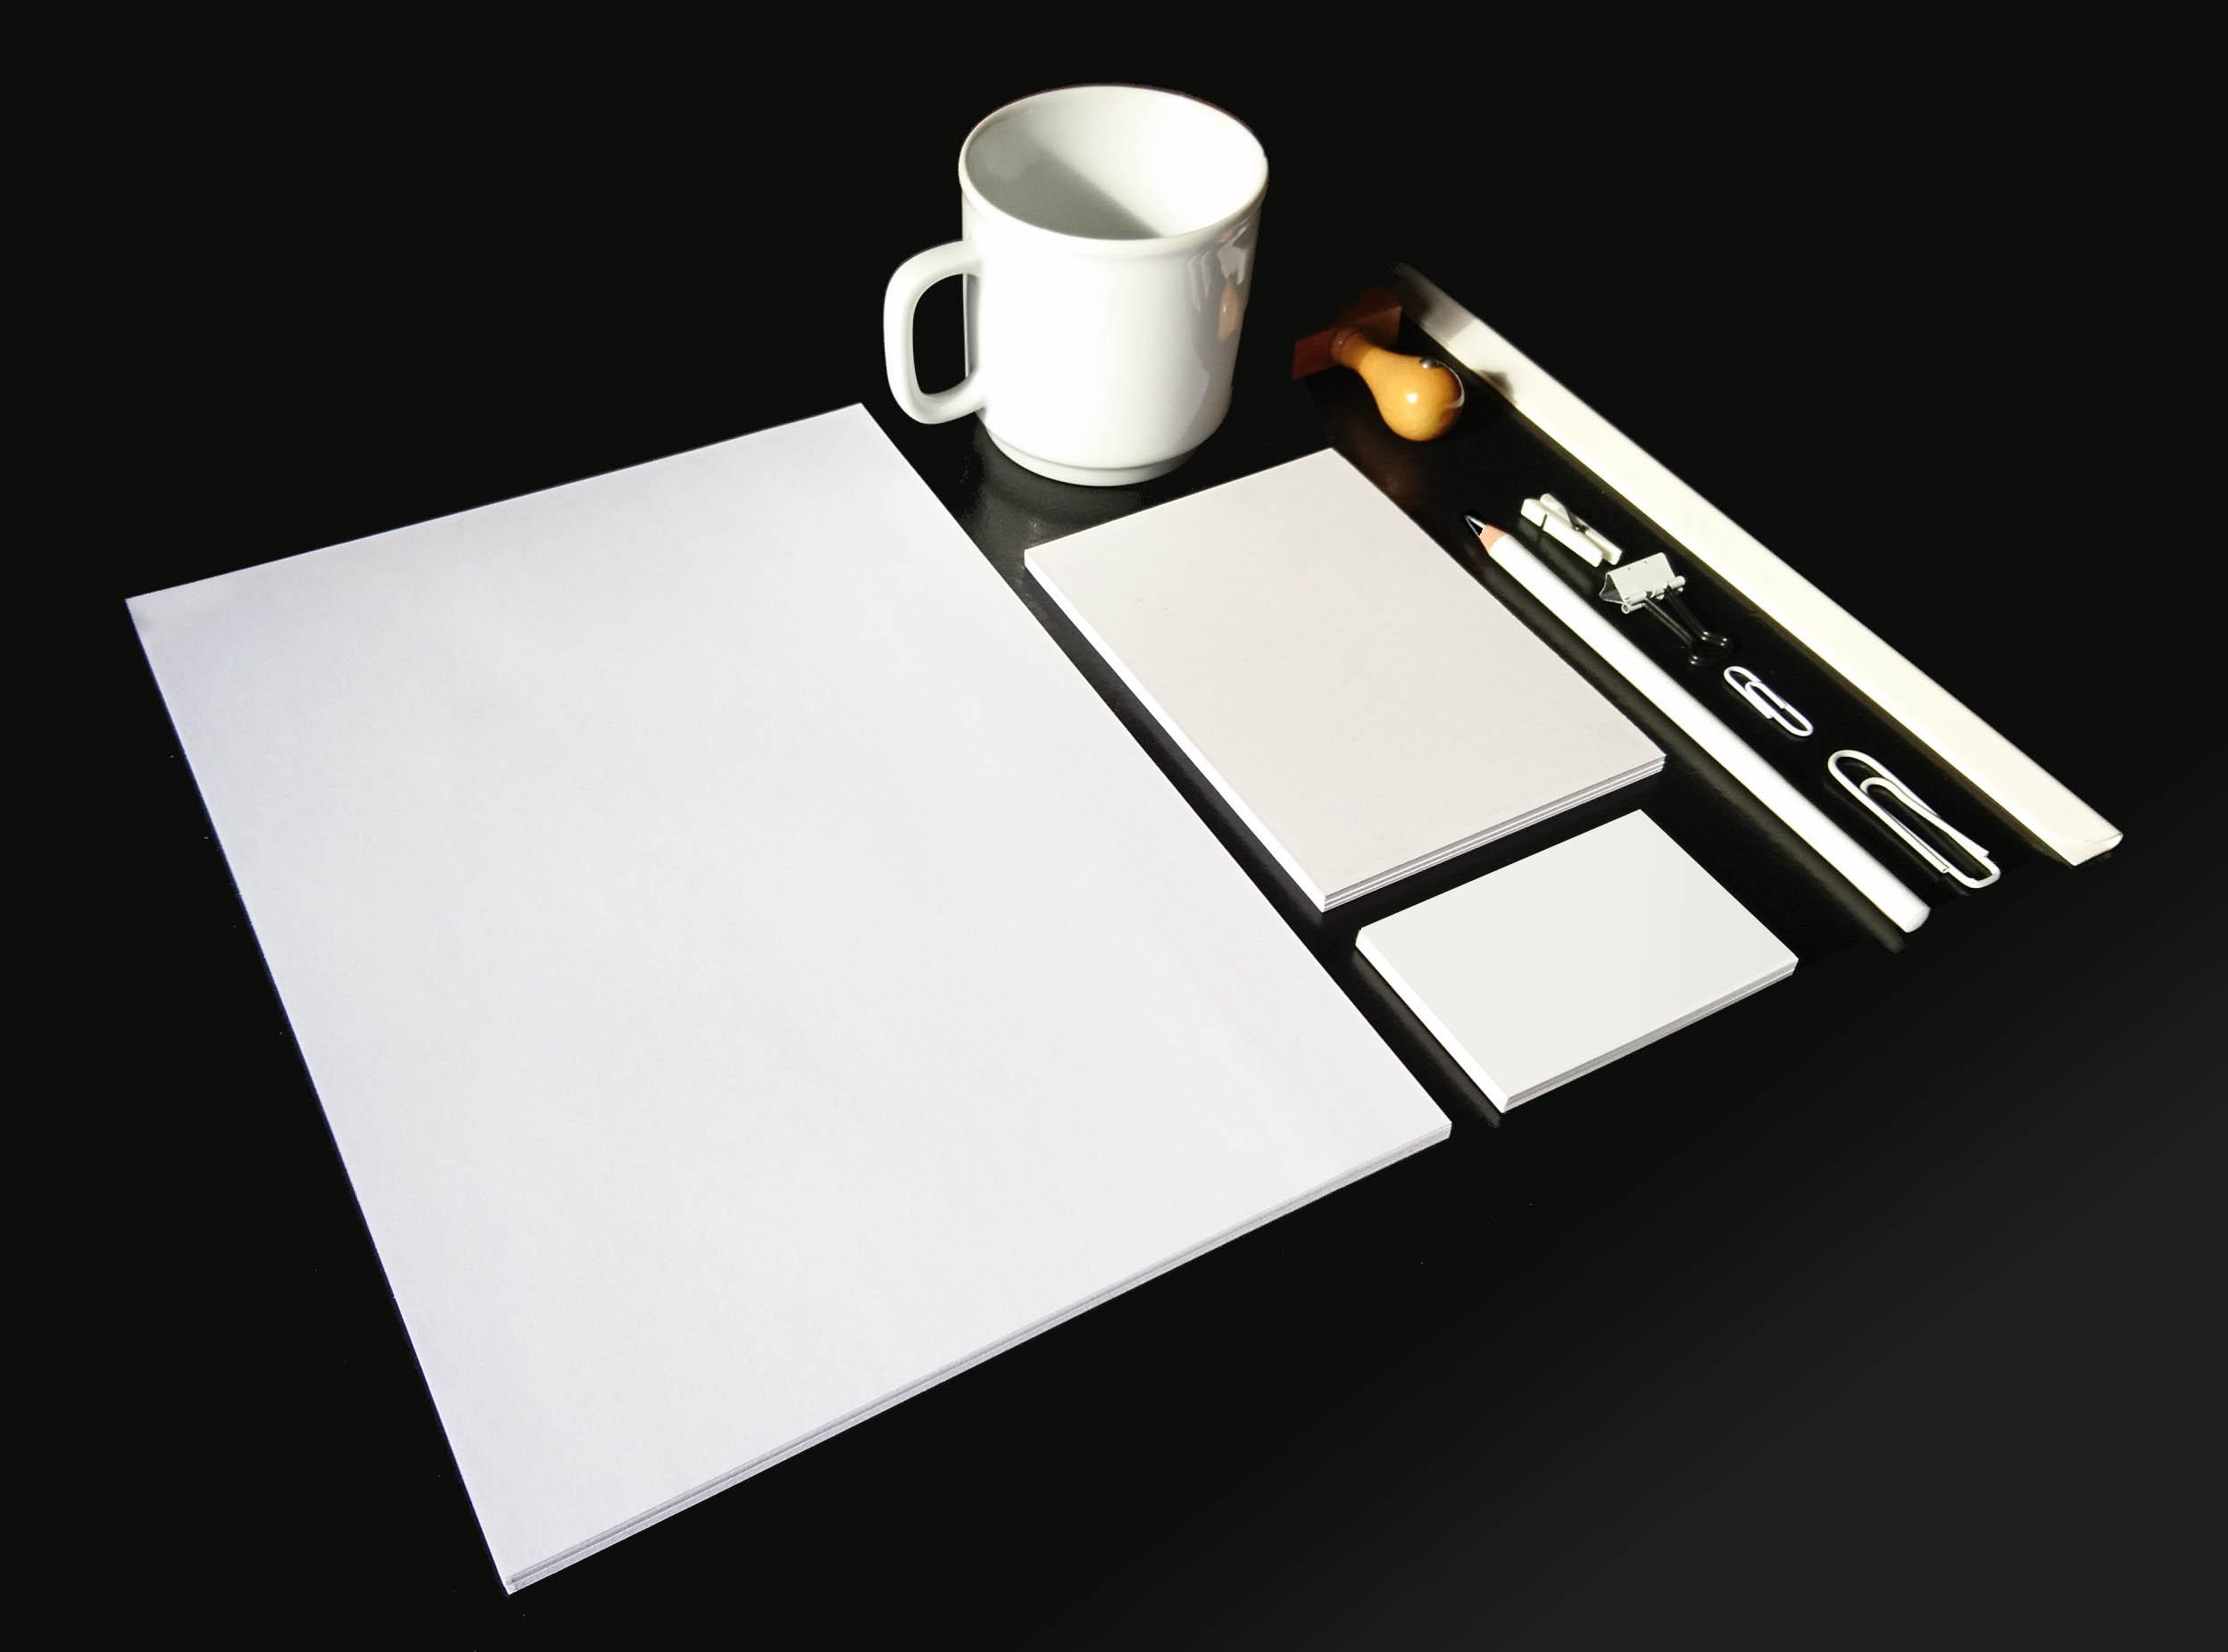 Zusammenstellung von Drucksachen wie man sie benoetigt, um ein Corporate Design, ein Firmenerscheinungsbild zu erstellen: Briefkopf, Briefpapier, Schreibblock, Visitenkarten, Stempel, Tassen, Stifte und Bueromaterial